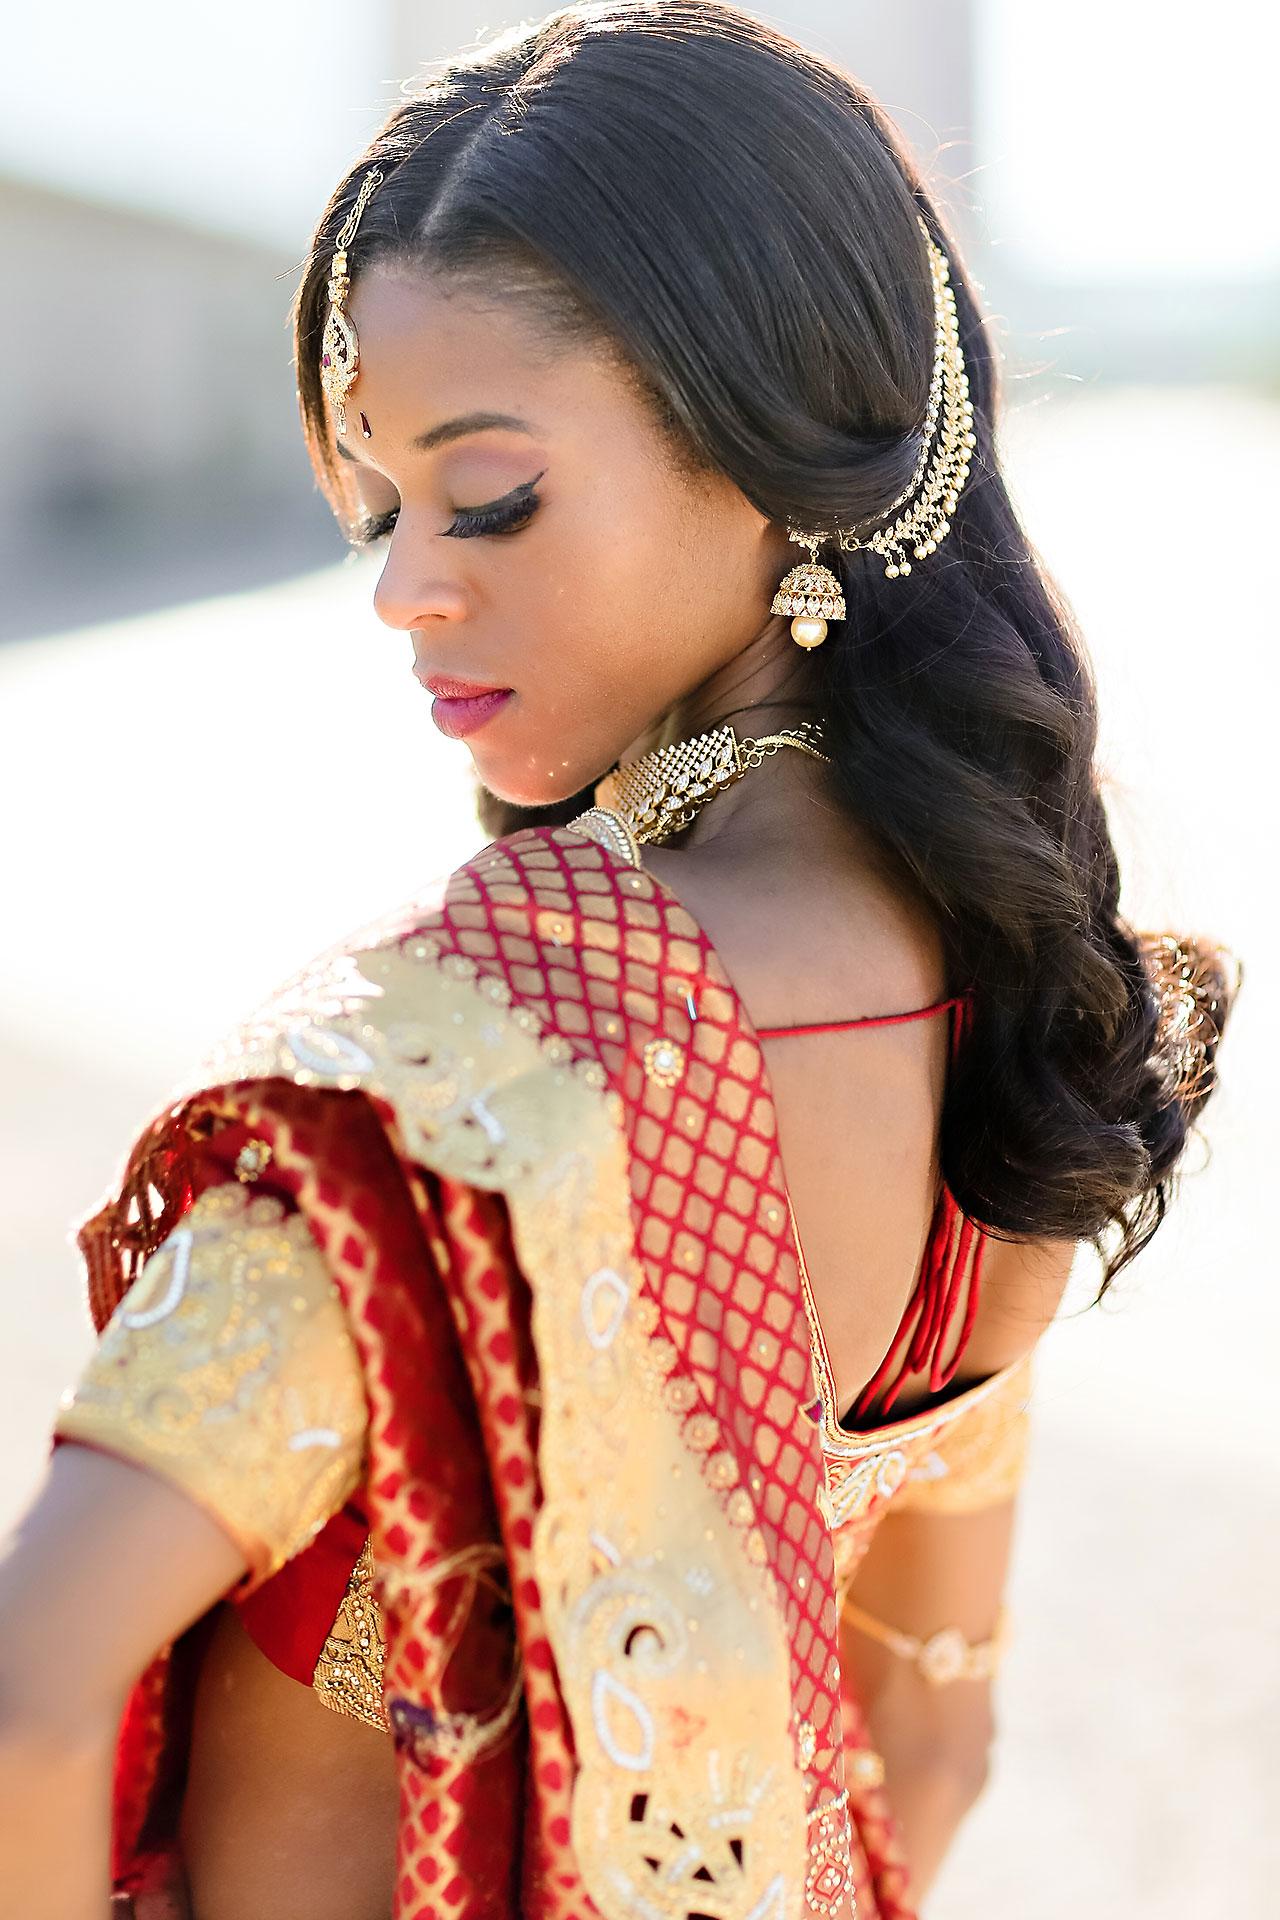 Joie Nikhil JW Marriott Indian Wedding 060